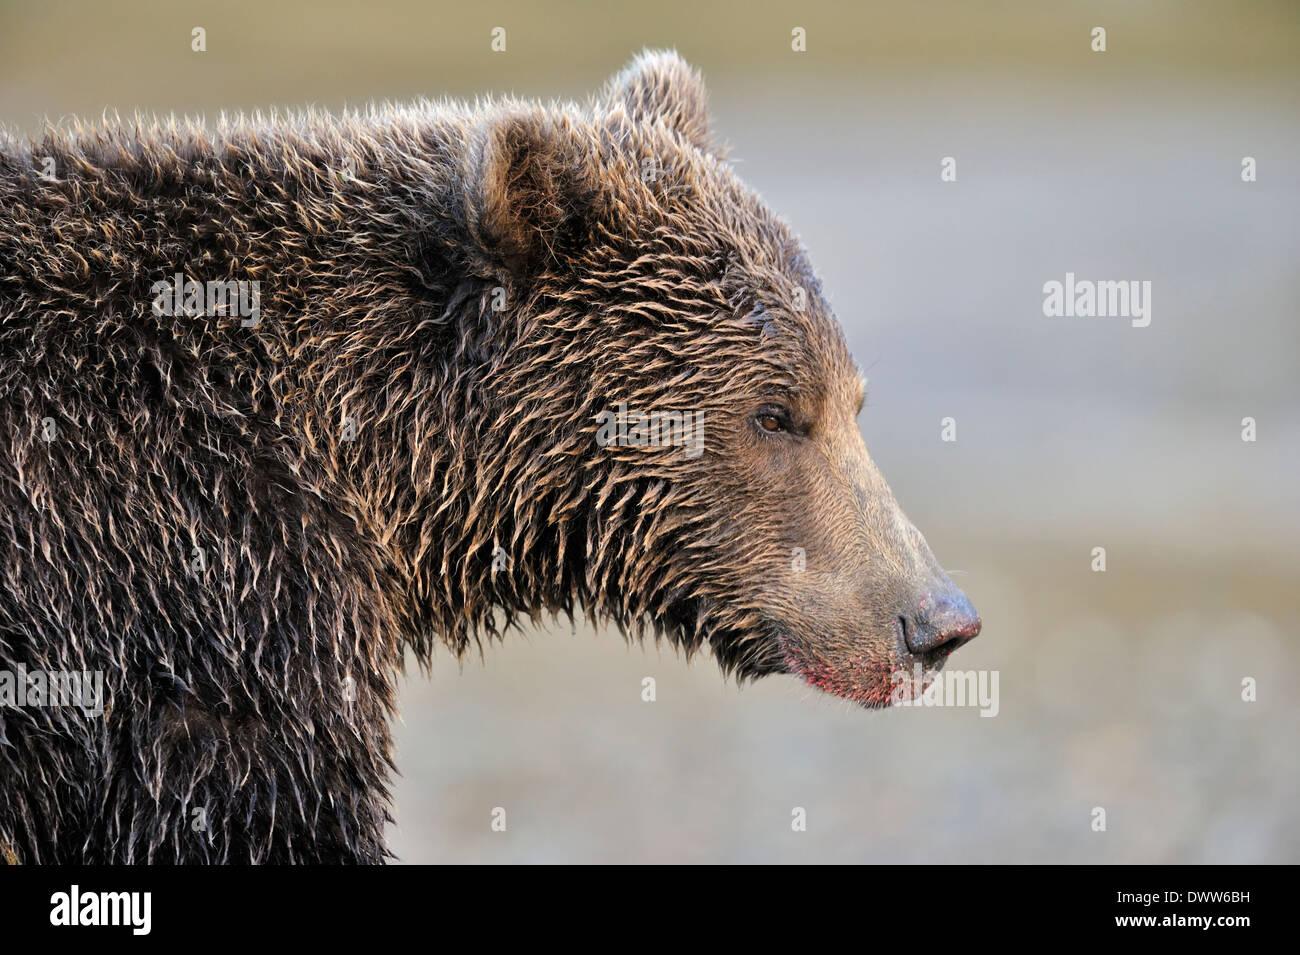 Orso grizzly (Ursus arctos horribilis ritratto). Immagini Stock